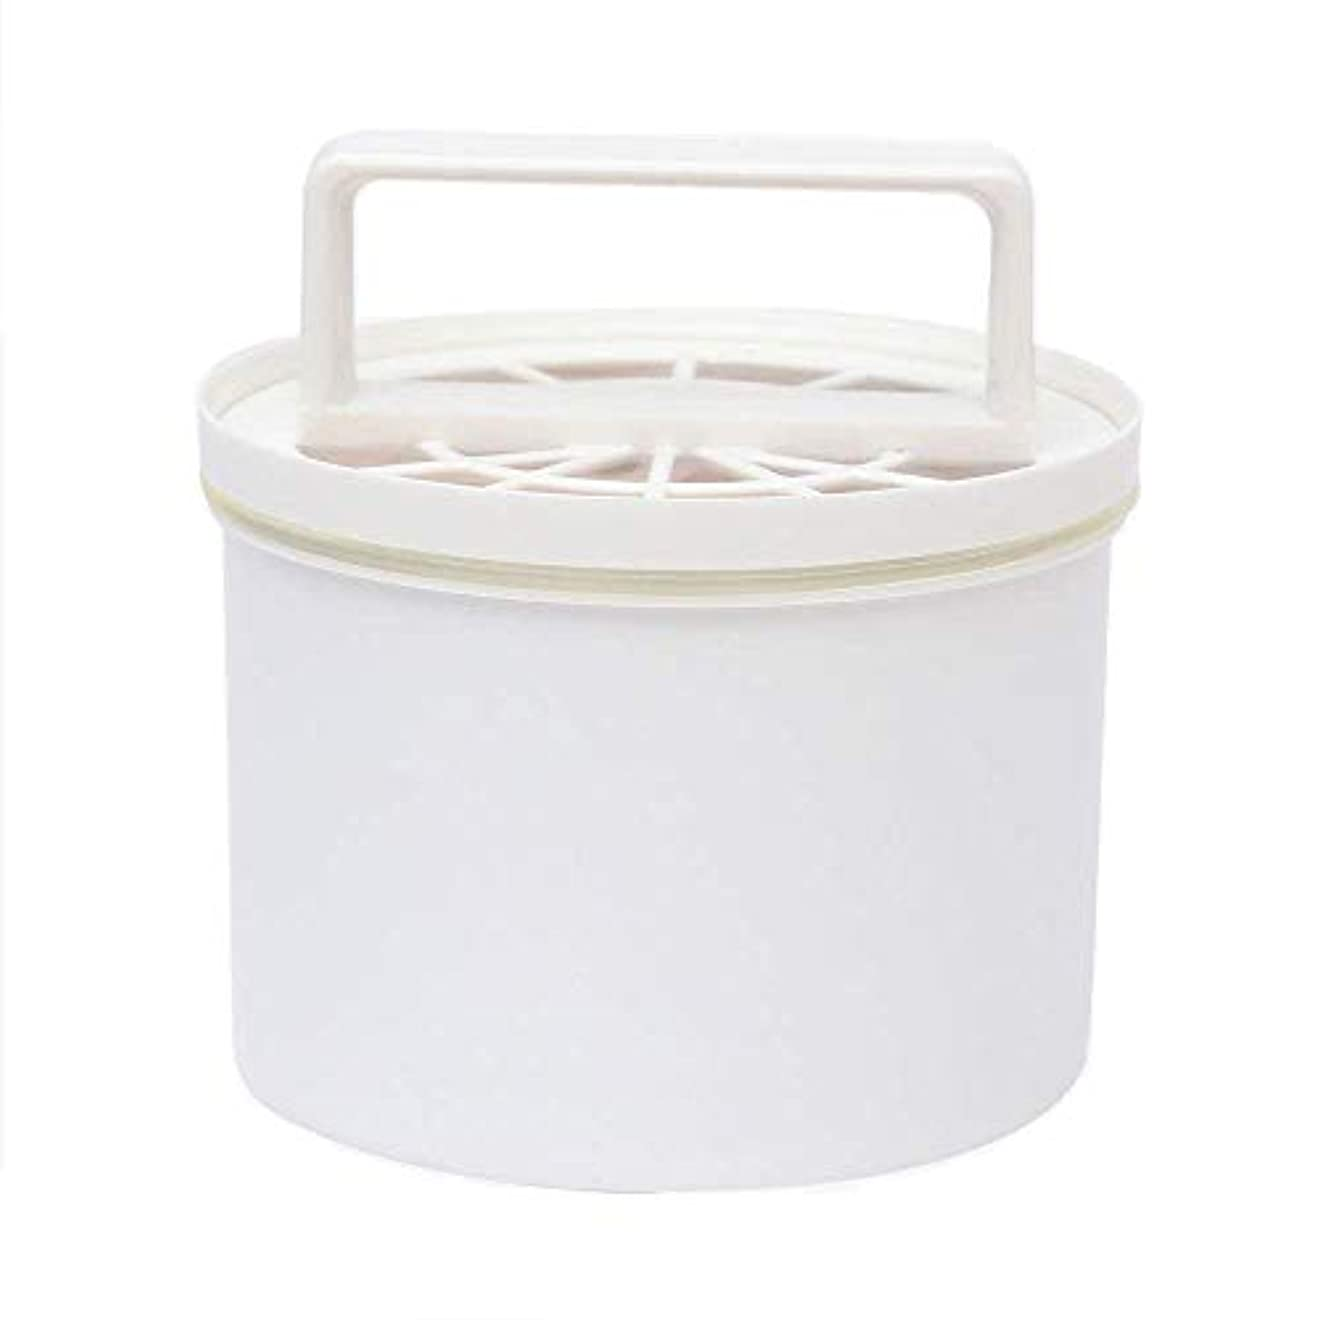 チャーミング上級消毒するサンエイ化学 【ピュアメーカー】 卓上型精製水器 カートリッジ × 1 イオン交換樹脂 精製水